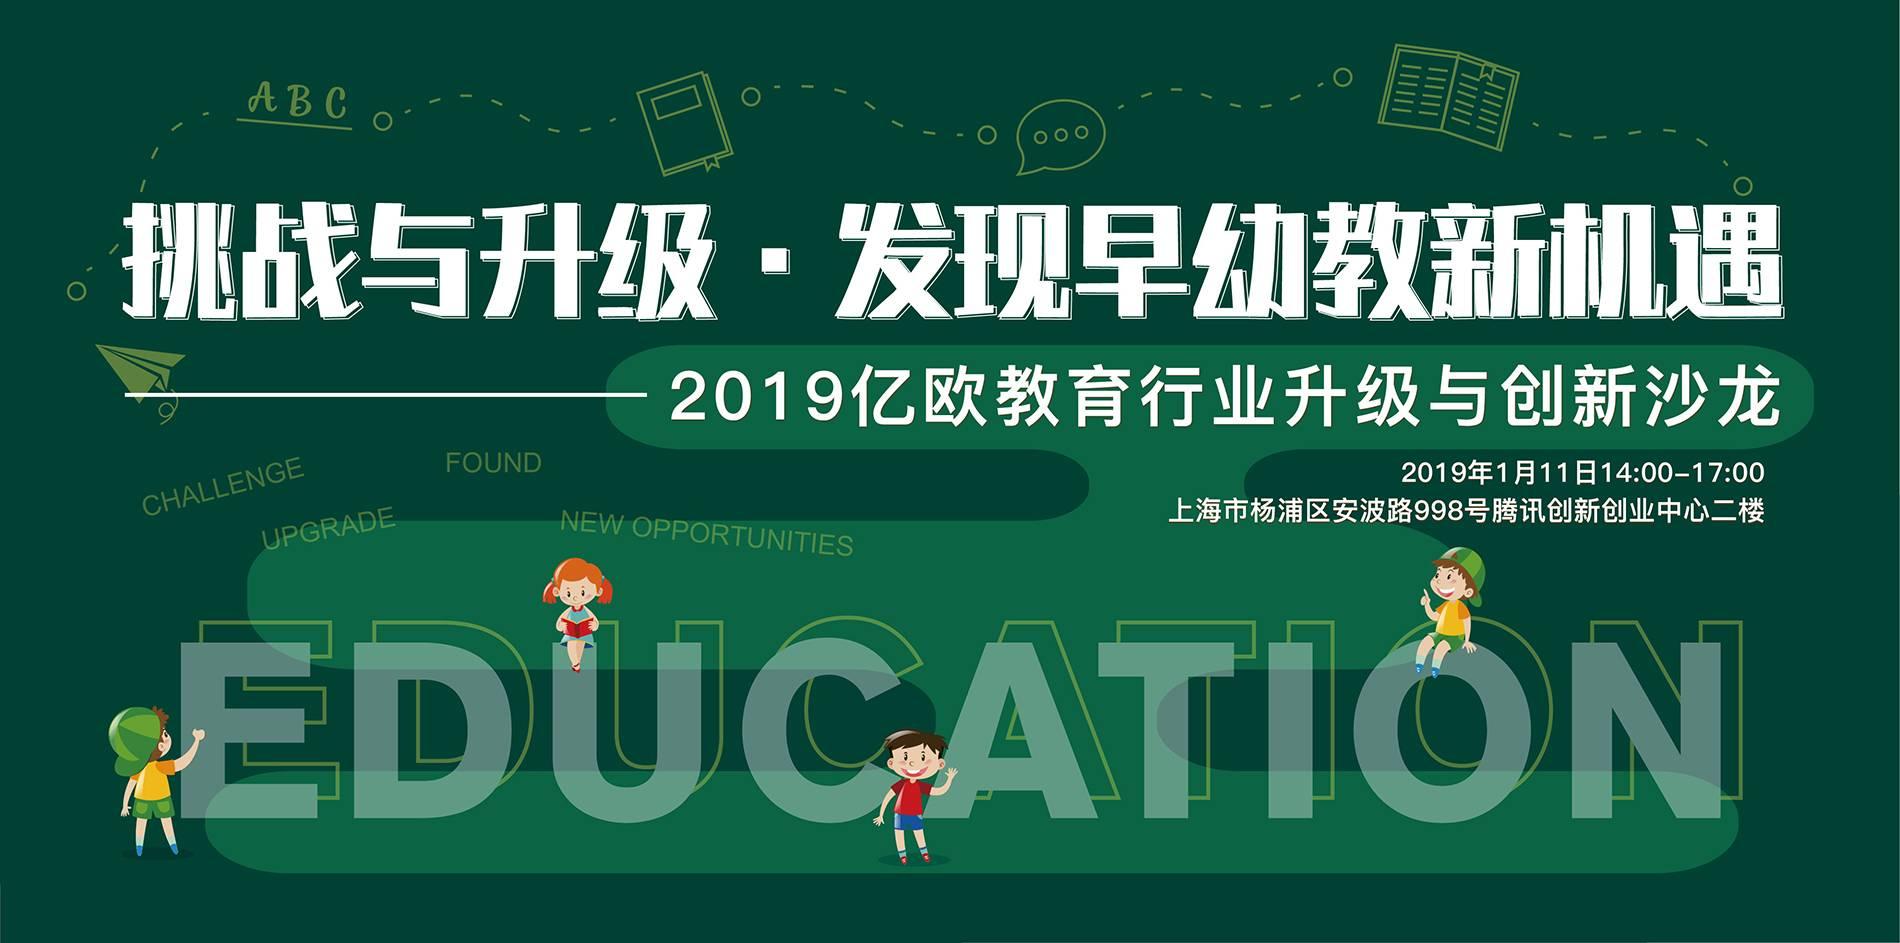 【活动】挑战与升级·发现早幼教新机遇 ——2019亿欧教育行业升级与创新沙龙-亿欧